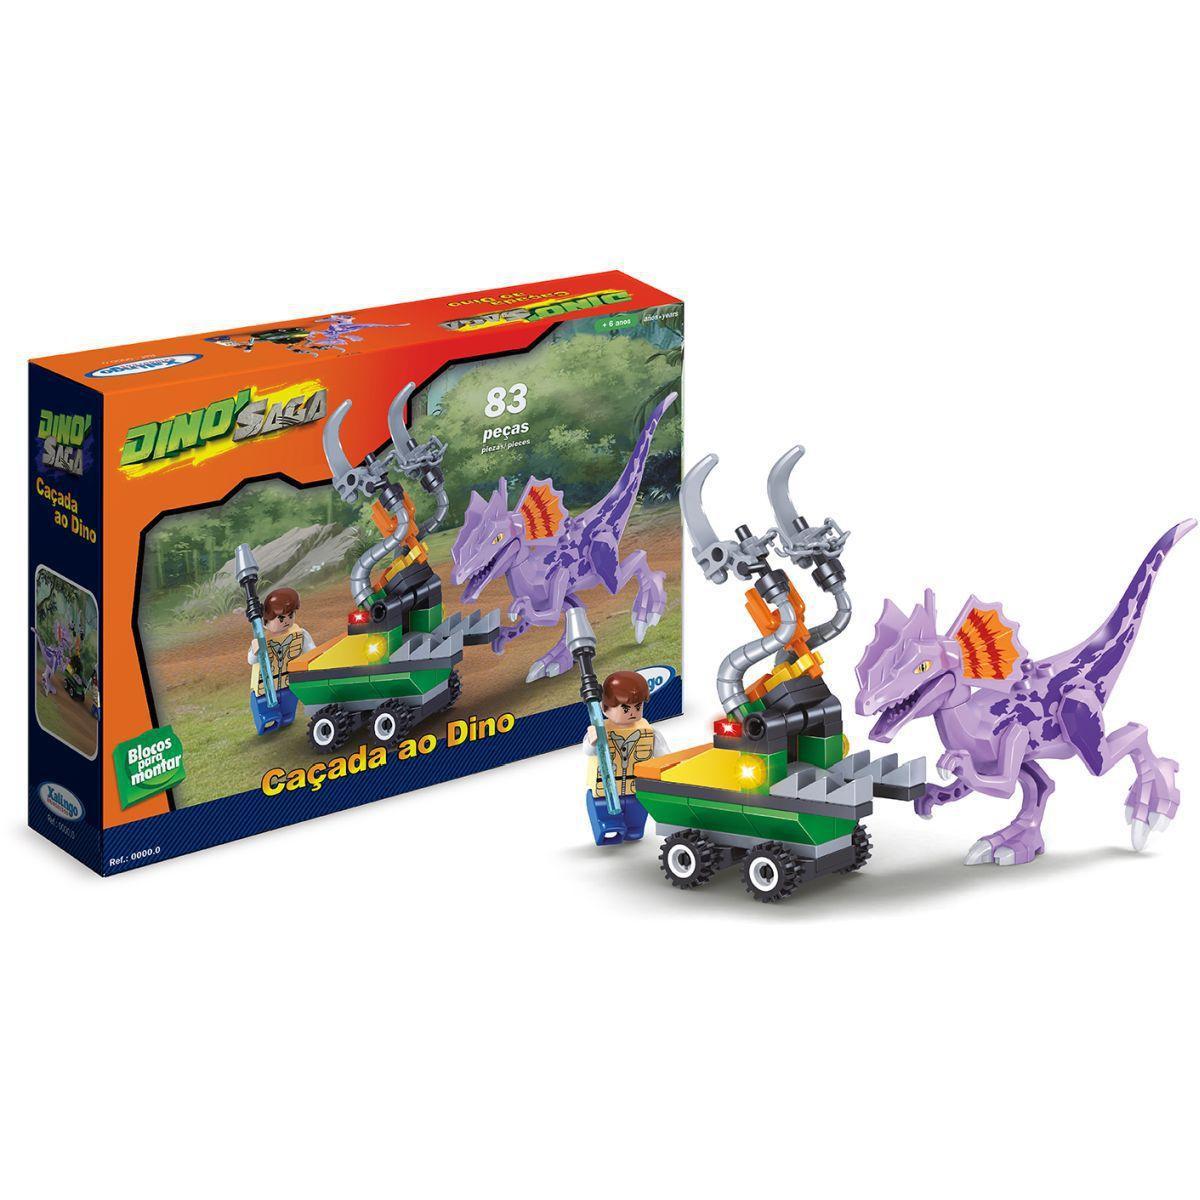 Bloco De Montar Dino Saga Caçada Ao Dino 83 Pcs Xalingo